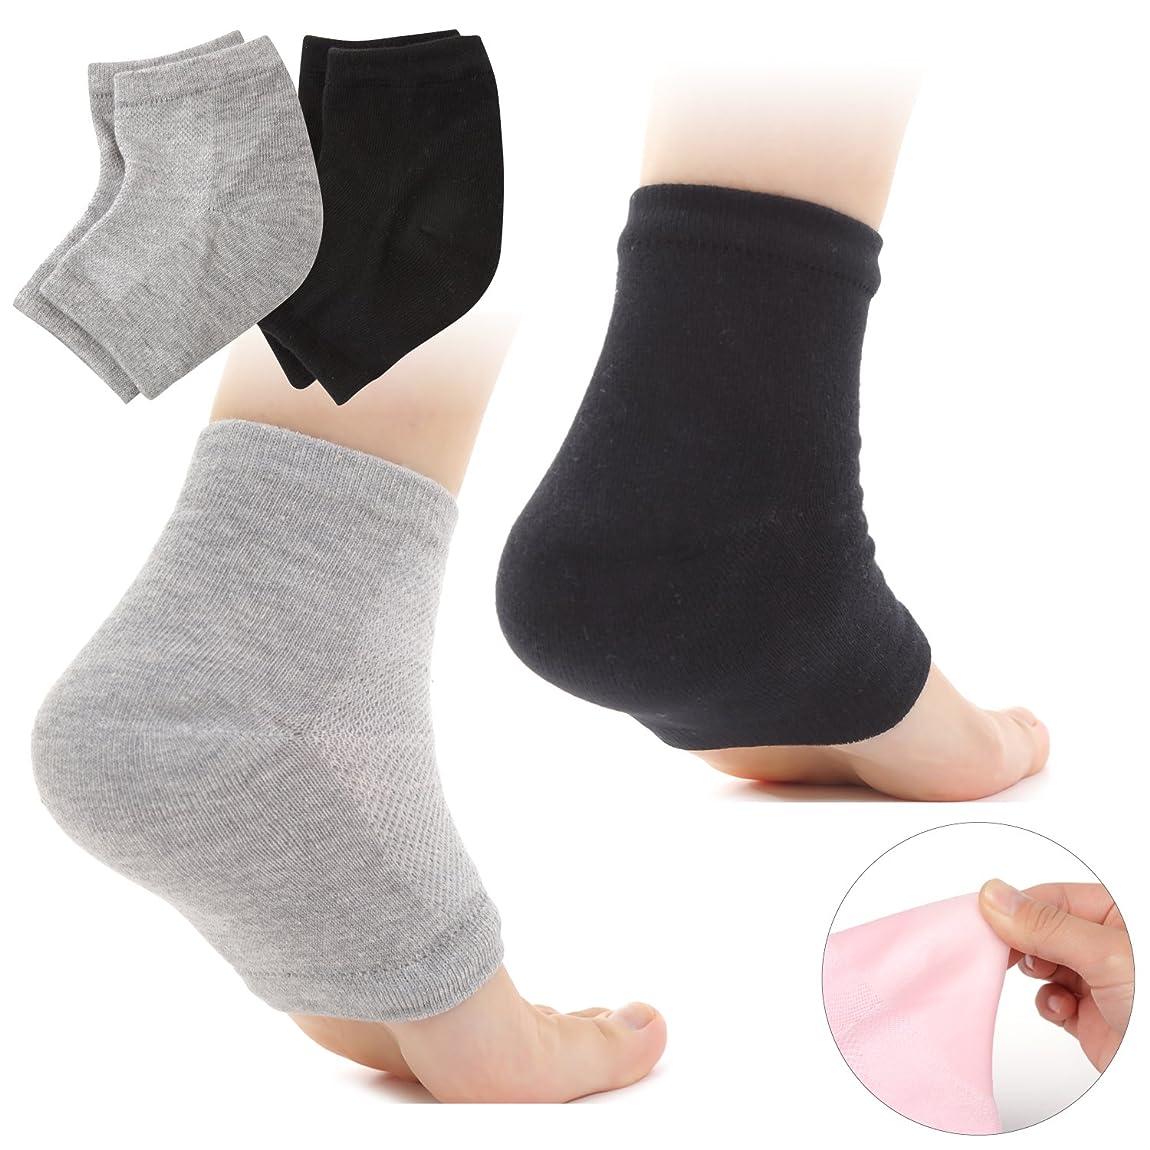 パプアニューギニアコーラス神経Muiles かかと 靴下 ソックス 角質取り 保湿 ひび割れ かかとケア レディース メンズ 男女兼用【1足~3足】(2足セット グレー、ブラック)